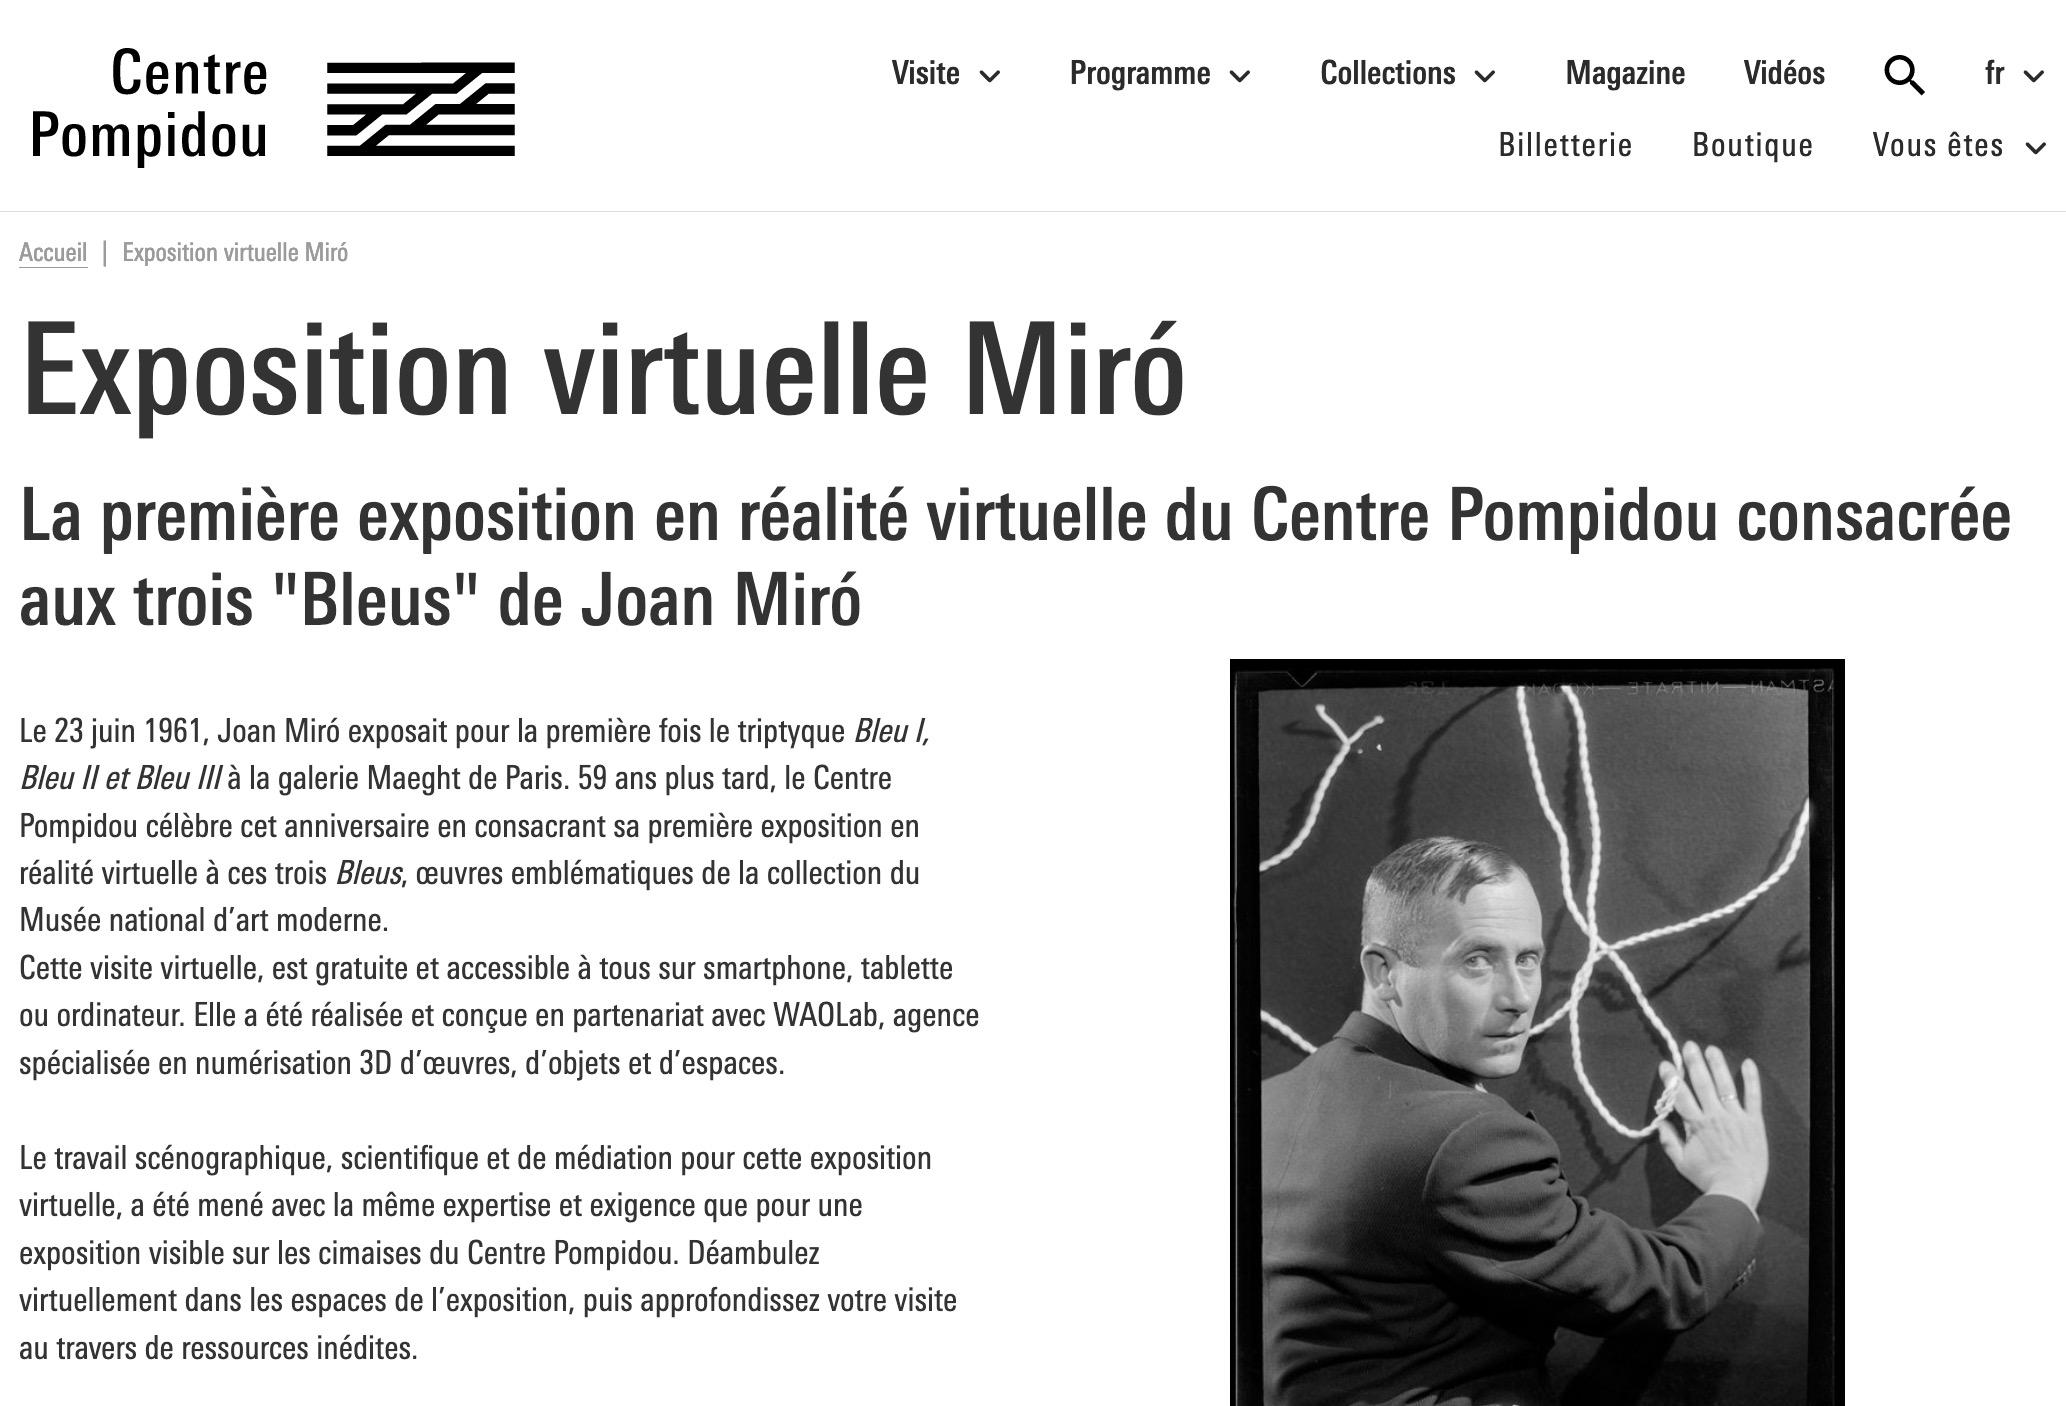 Centre Pompidou-Expo Miro VR